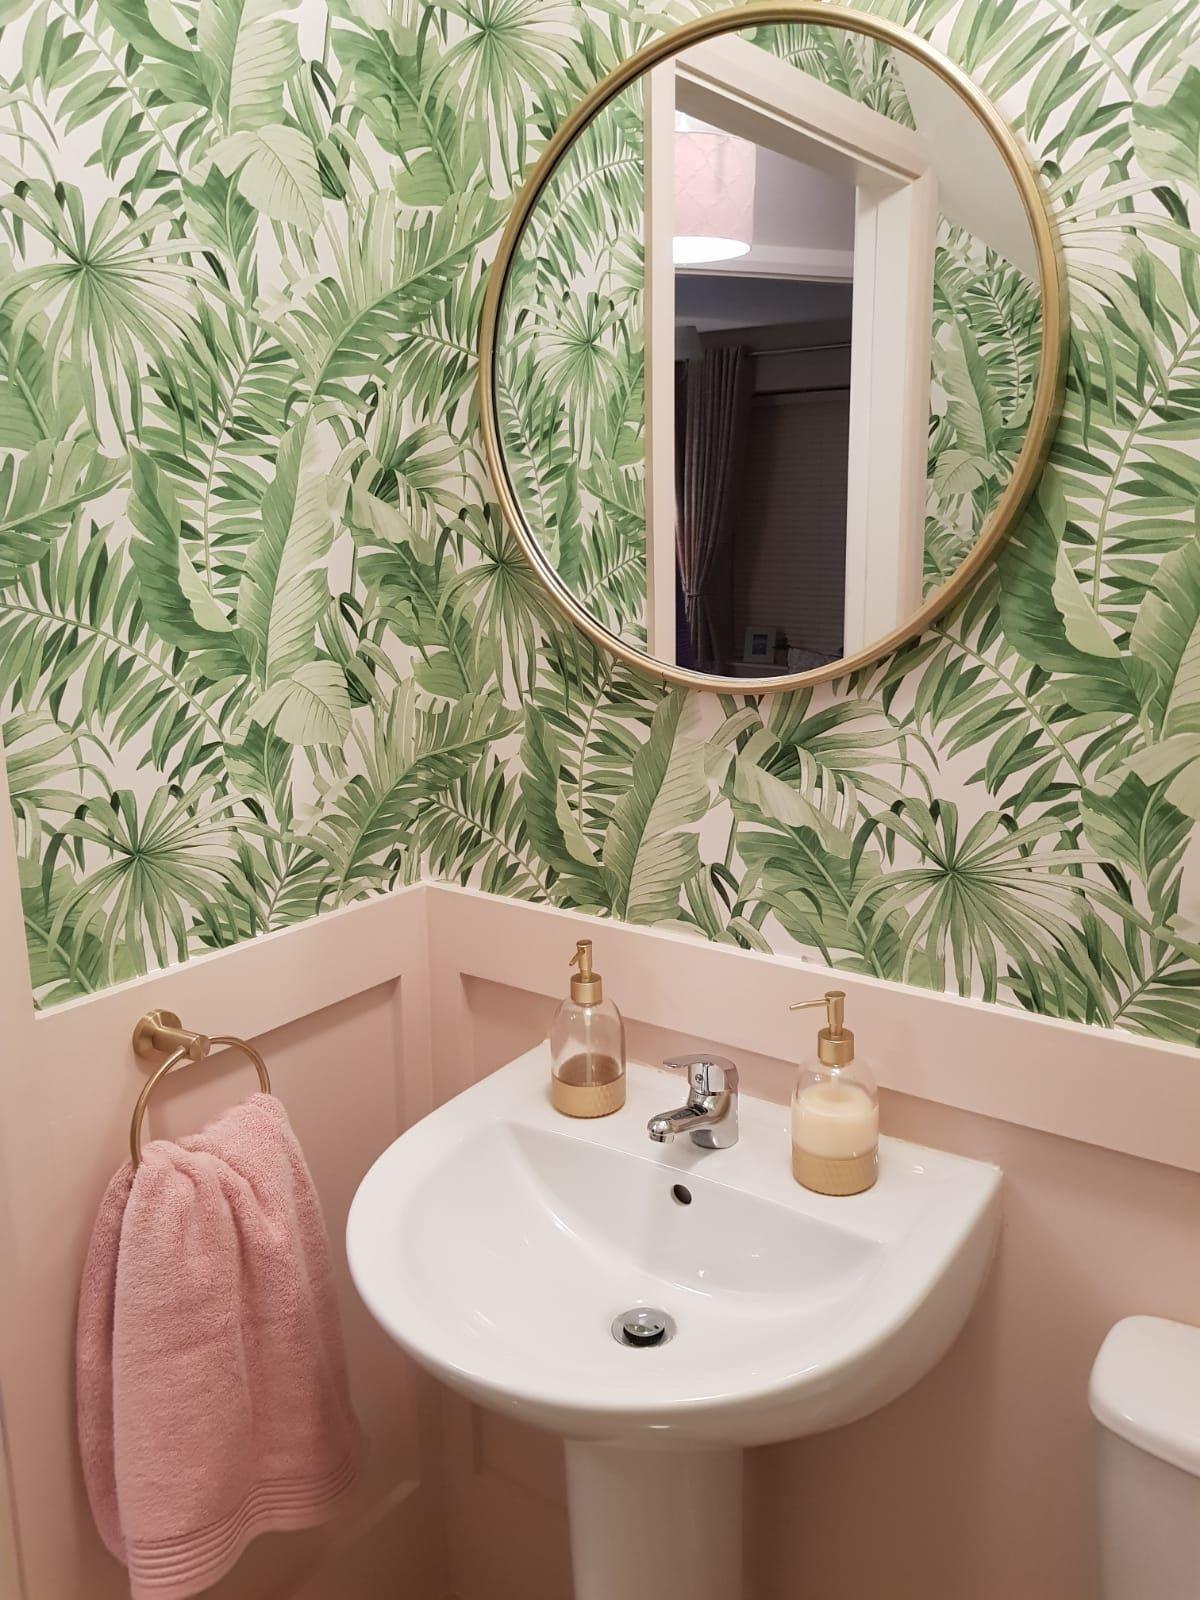 Pink And Green Downstairs Bathroom Downstairstoilet Tropical Leaf Print Wallpap Bathroom Downsta Small Toilet Room Retro Pink Bathroom Downstairs Bathroom